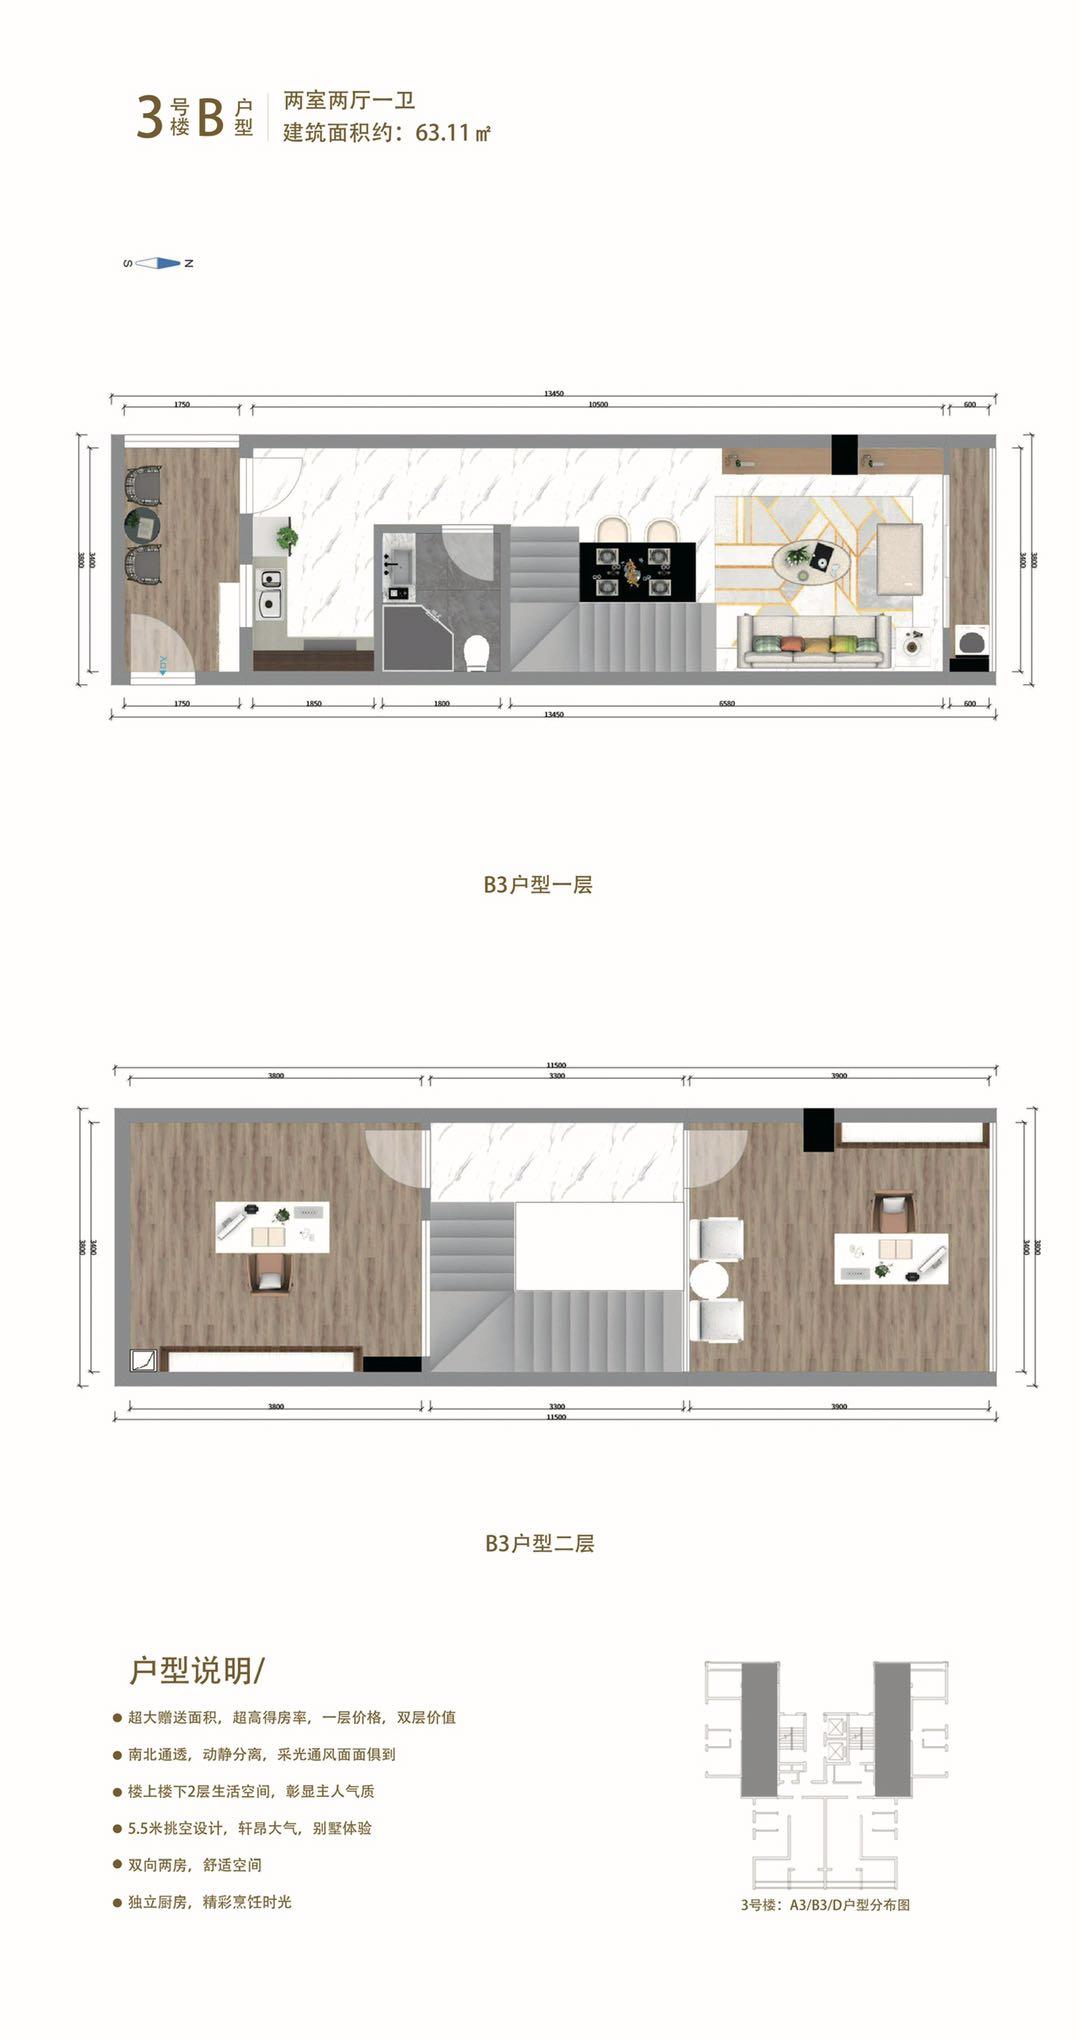 3号楼B户型 2室2厅1卫 建面63.11㎡